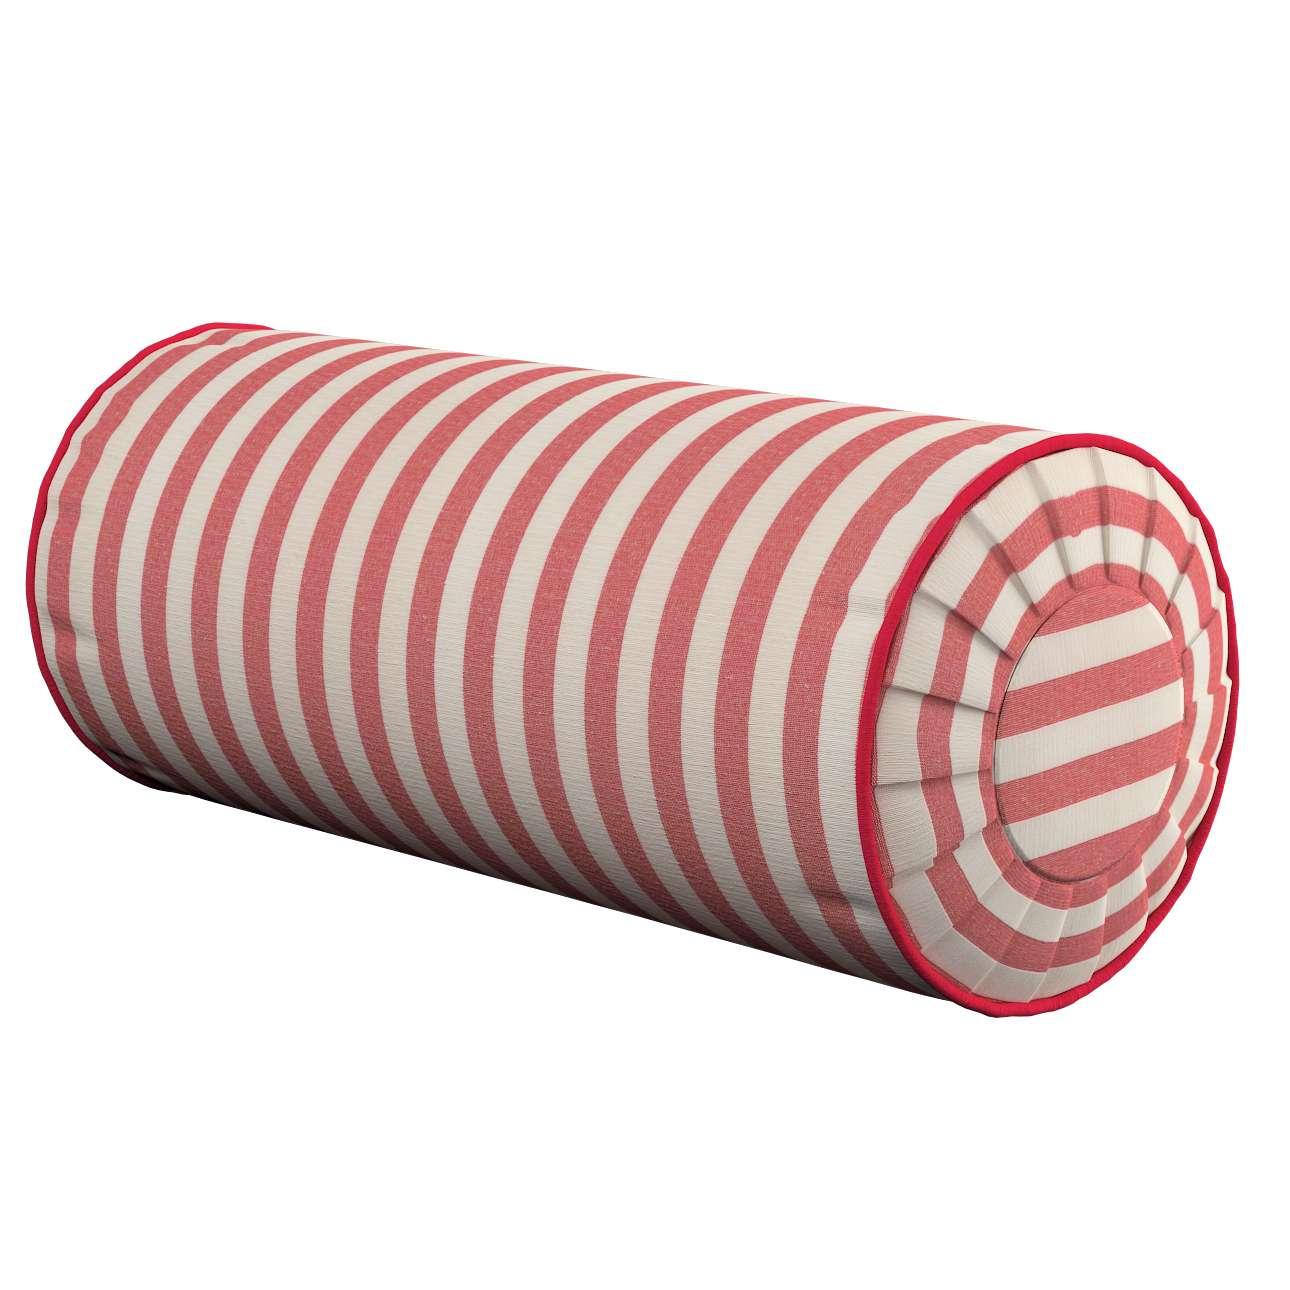 Poduszka wałek z zakładkami Ø20x50cm w kolekcji Quadro, tkanina: 136-17